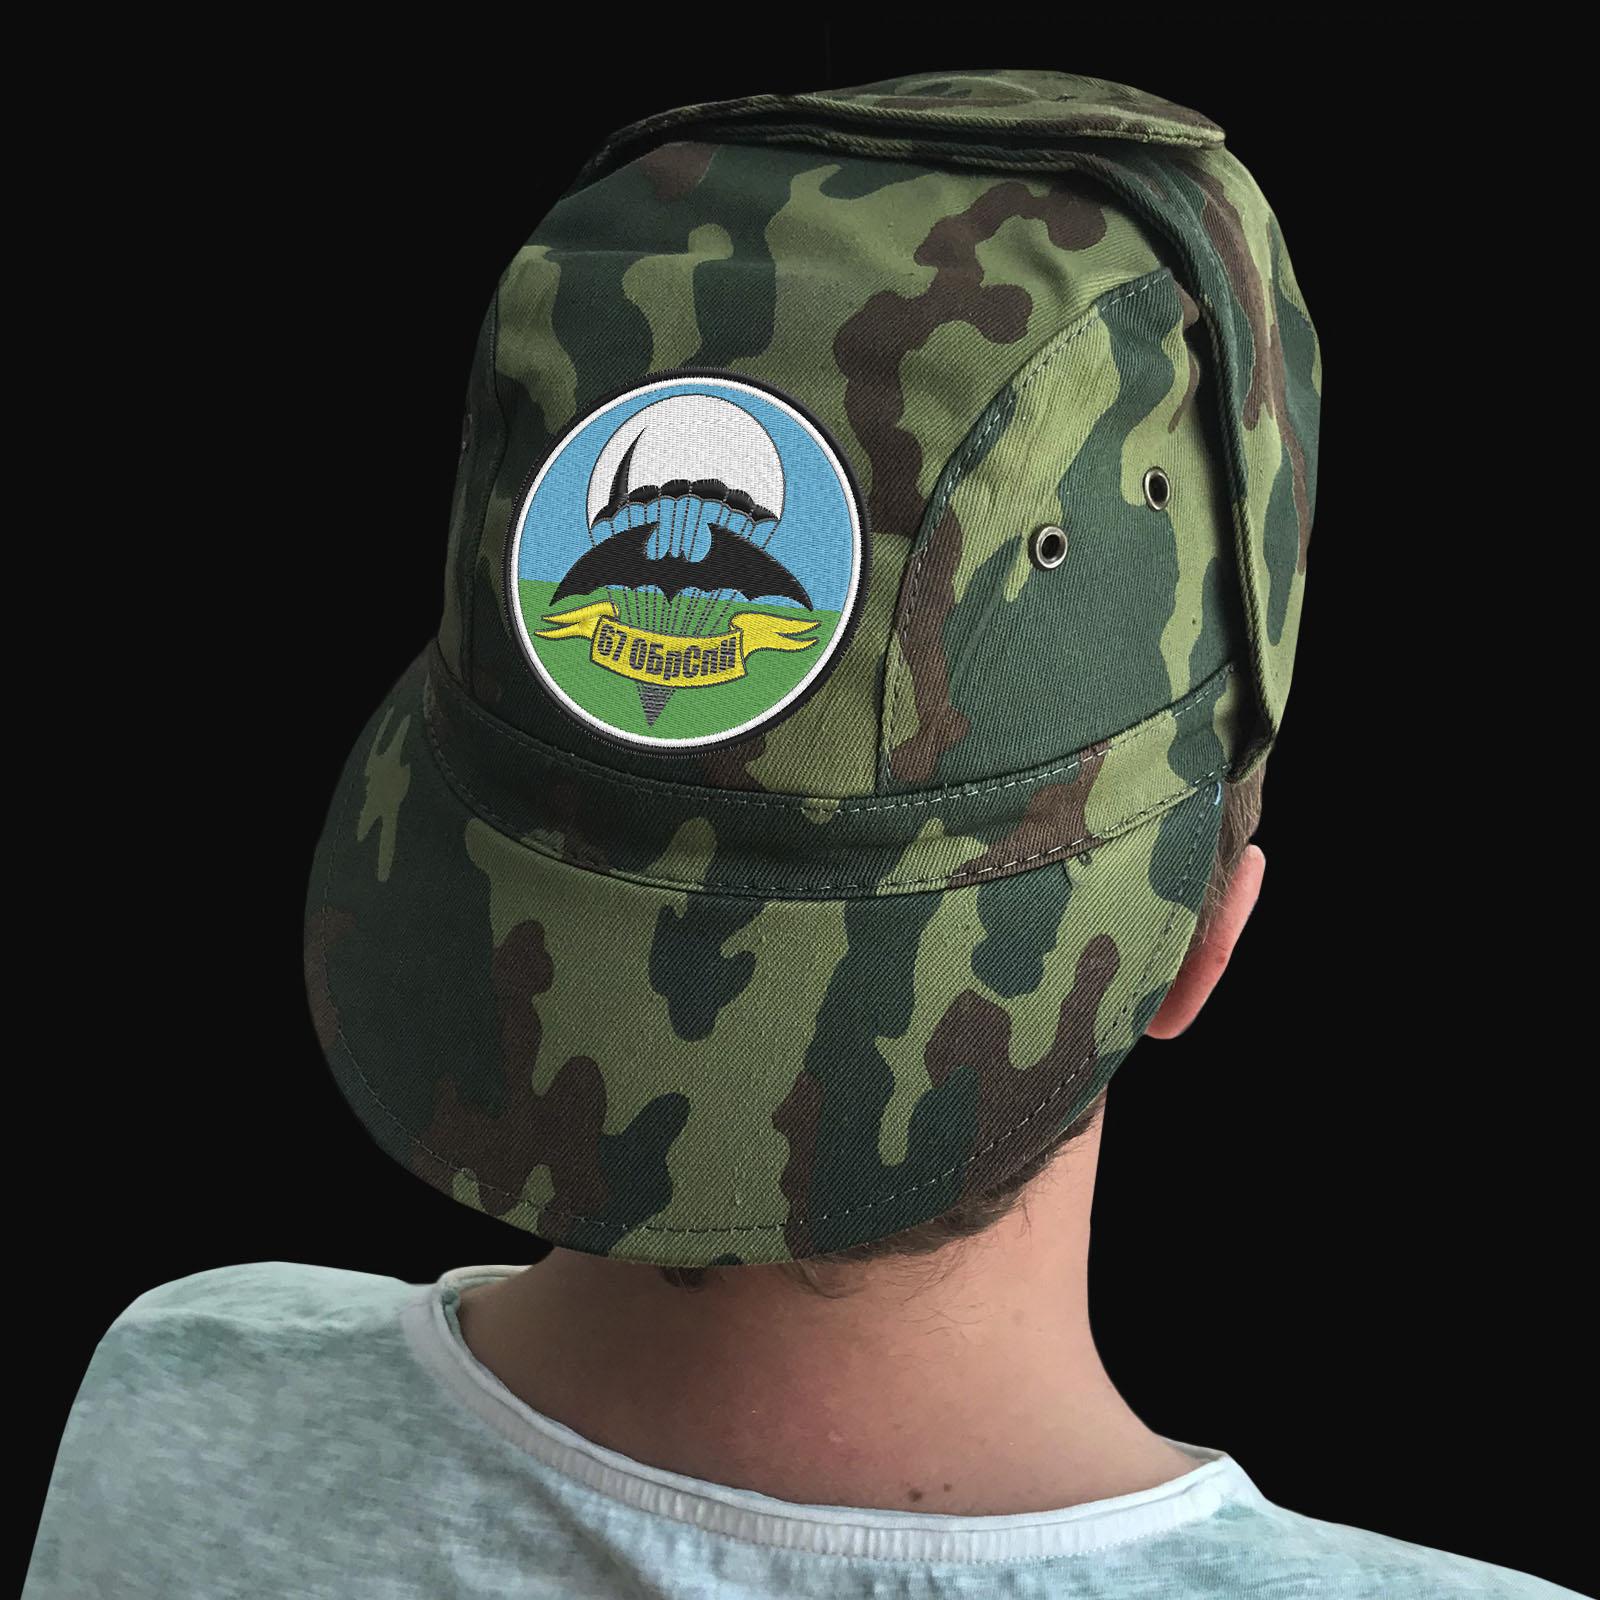 Тактические камуфляжные кепки с эмблемами разных отдельных бригад спецназначения